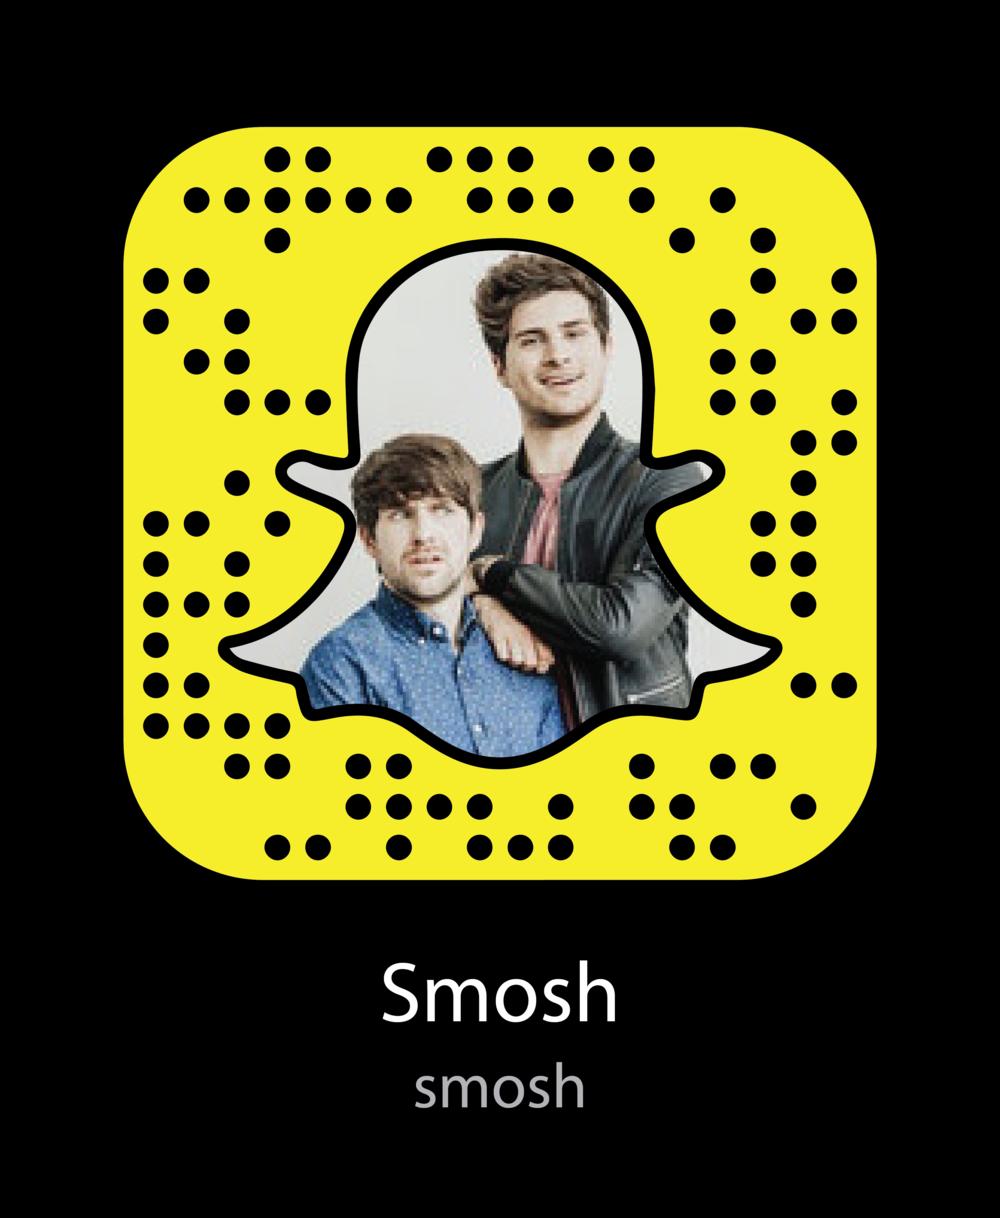 smosh-youtube-celebrity-snapchat-snapcode